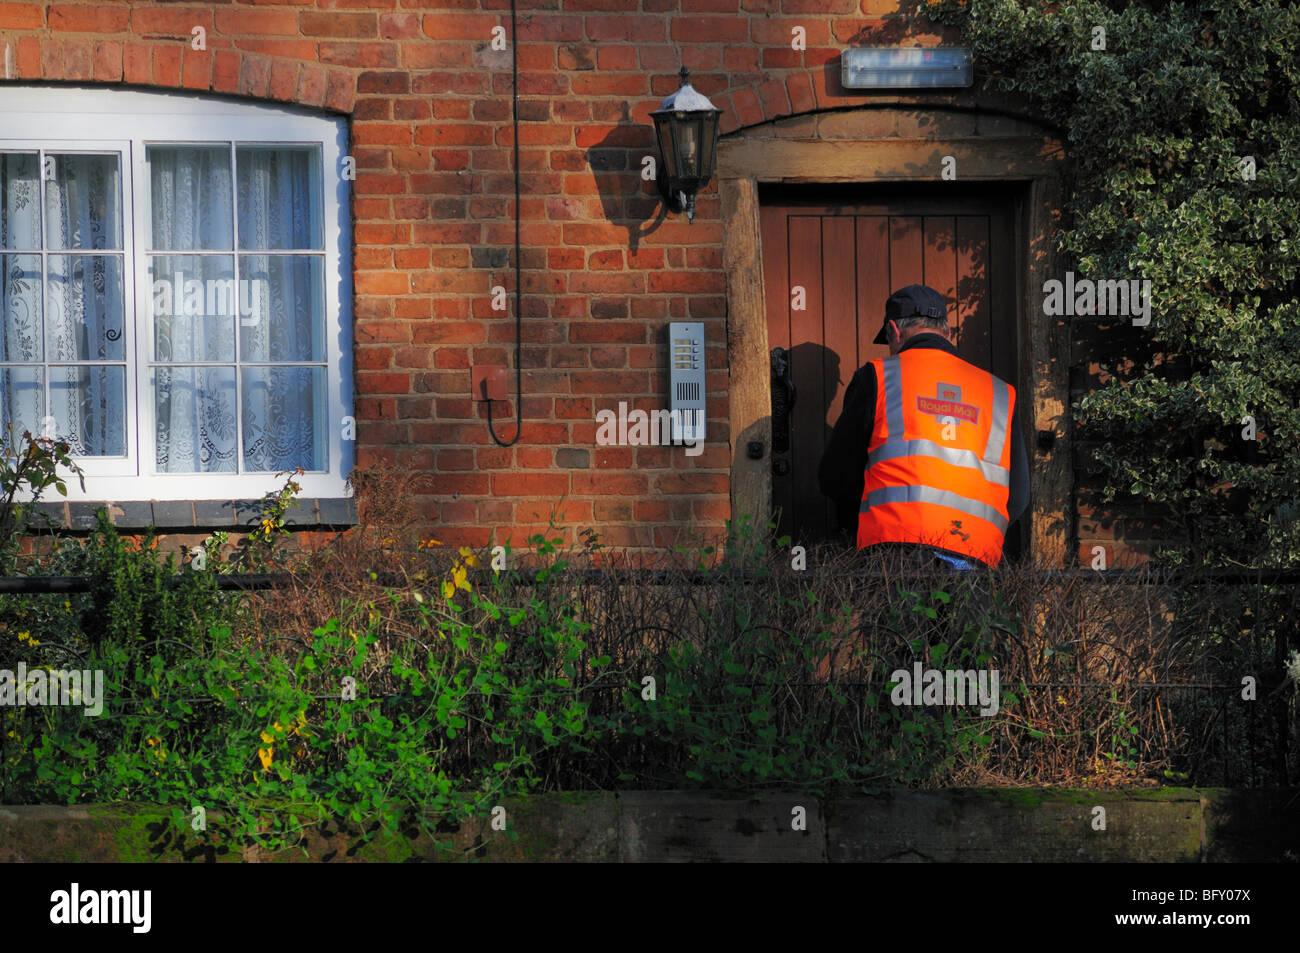 Postal Worker delivering letters - Stock Image